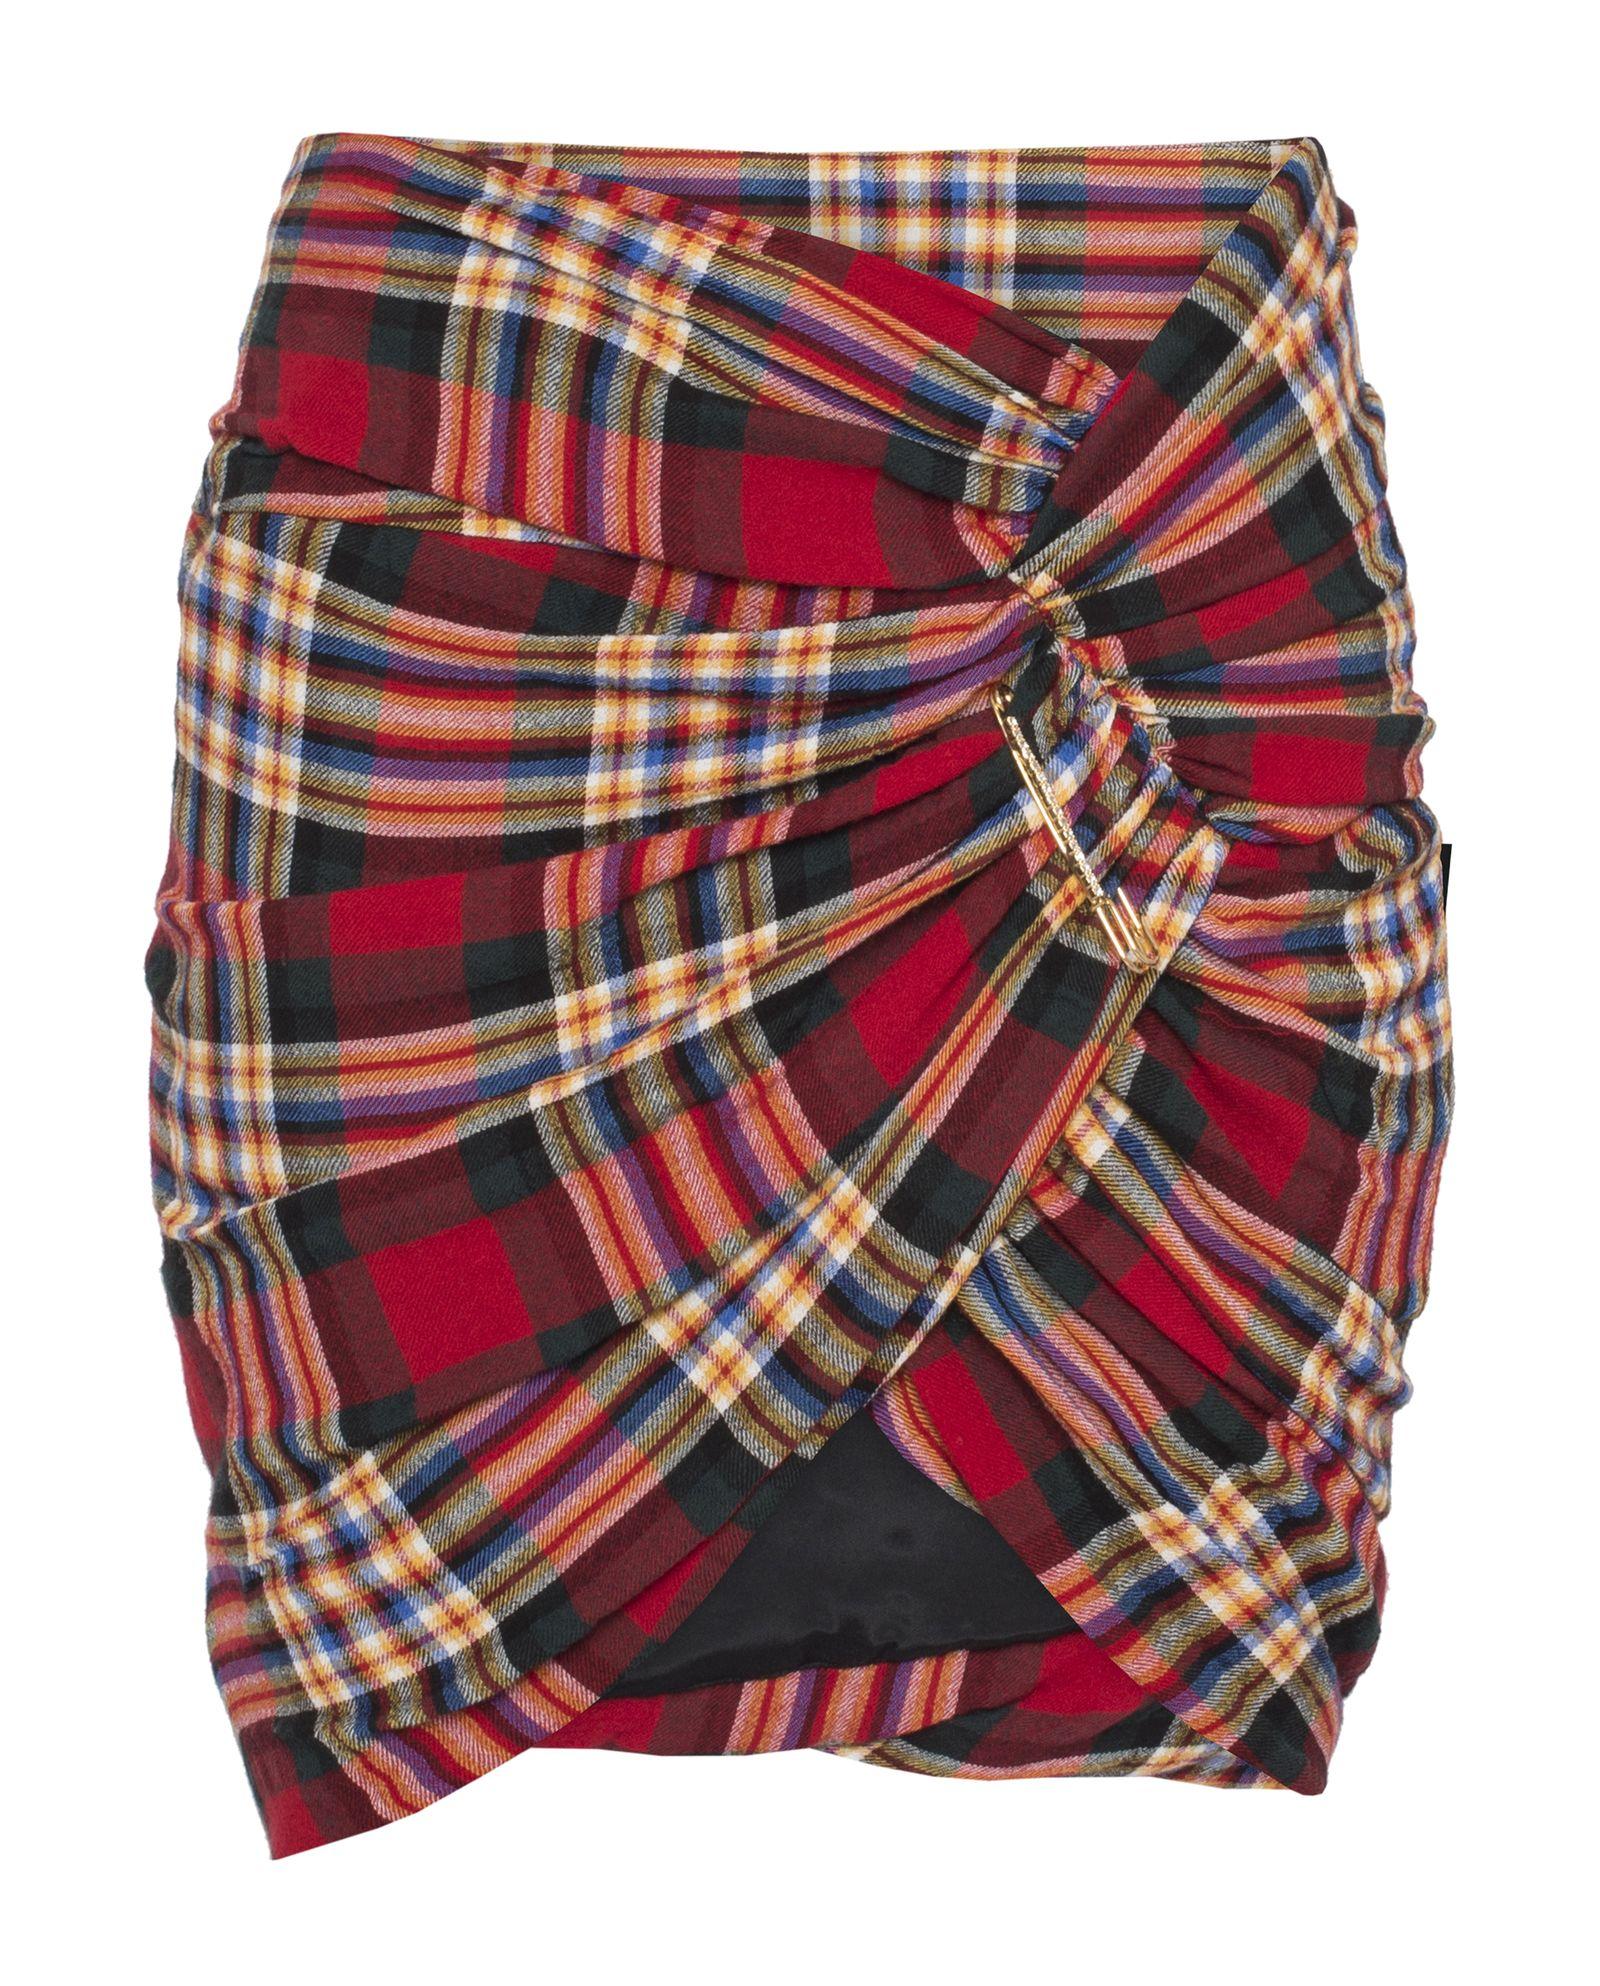 Kostkovaná sukně ALEXANDRE VAUTHIER – Kup teď! Nejlepší ceny a ... 95813bc3ec